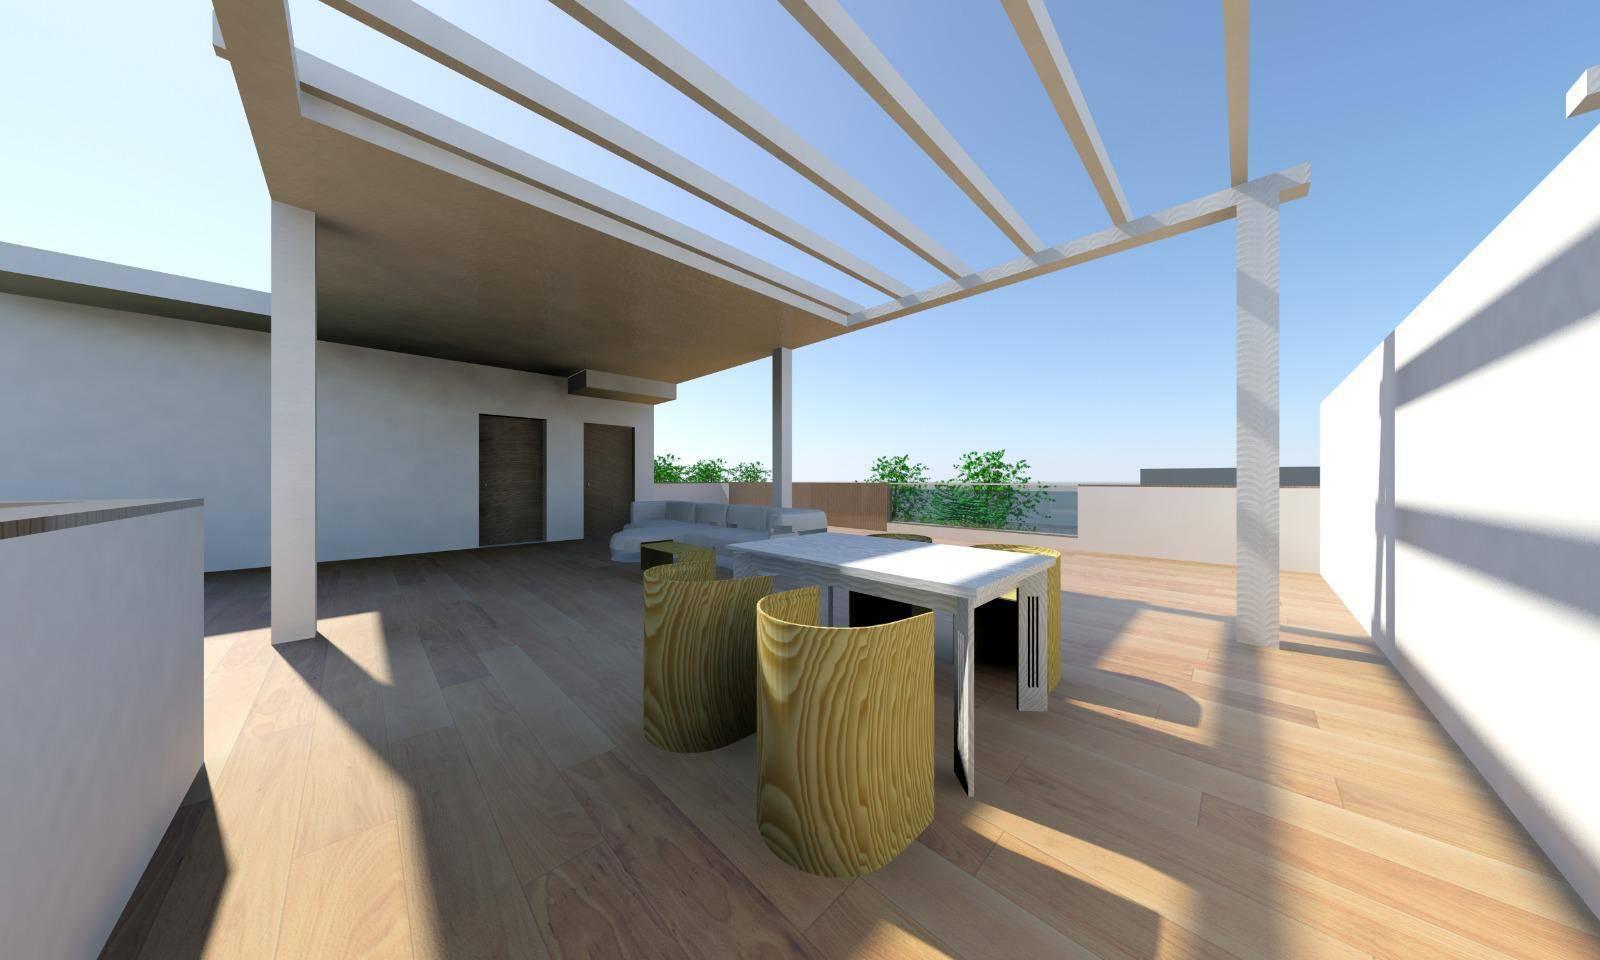 Appartamento in vendita a Brusciano, 4 locali, prezzo € 280.000 | PortaleAgenzieImmobiliari.it